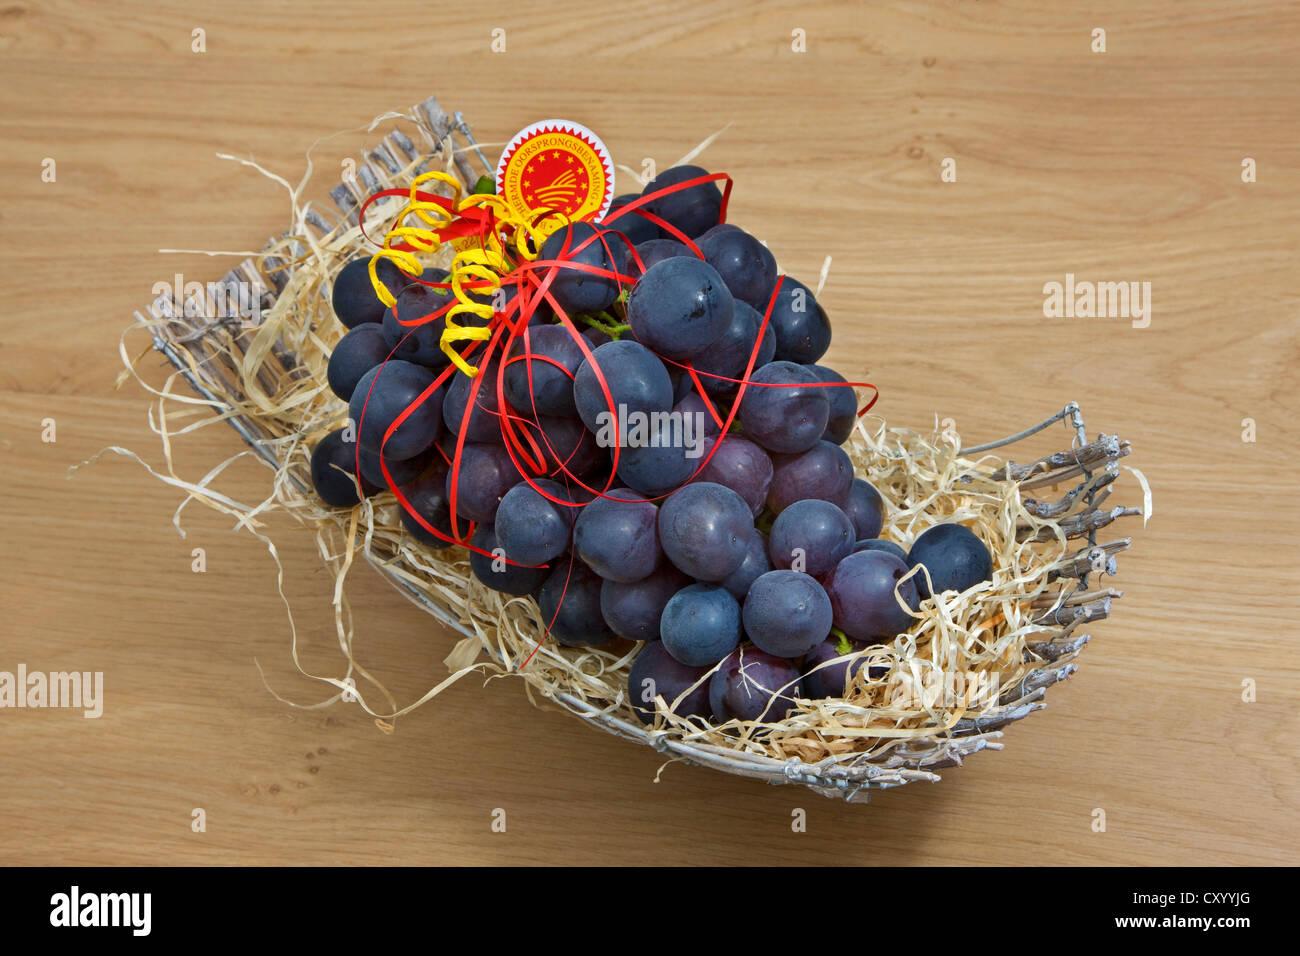 Présentation de tableau bleu raisin (Vitis vinifera) venant du Brabant flamand, Flandre orientale, Belgique Photo Stock